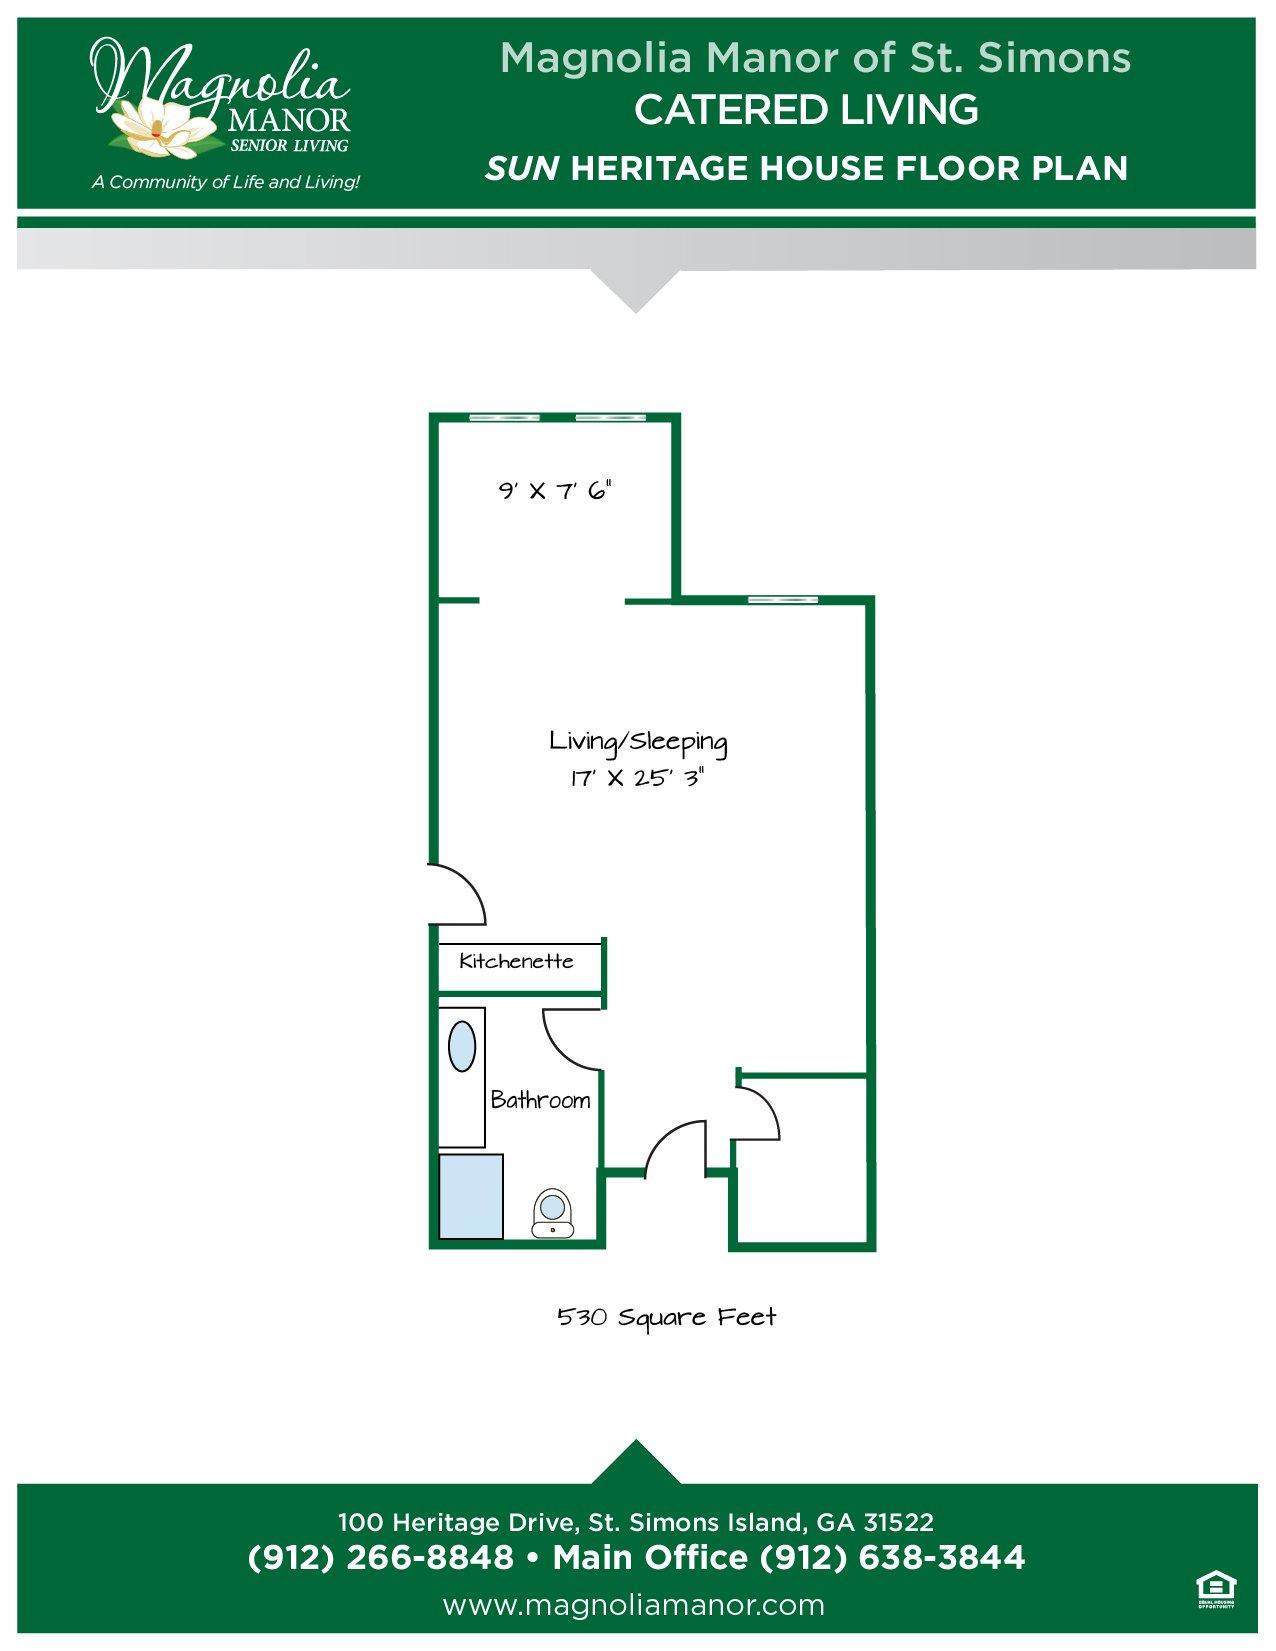 00344 St Simons CC SUN Heritage House Floor Plans 2019-01